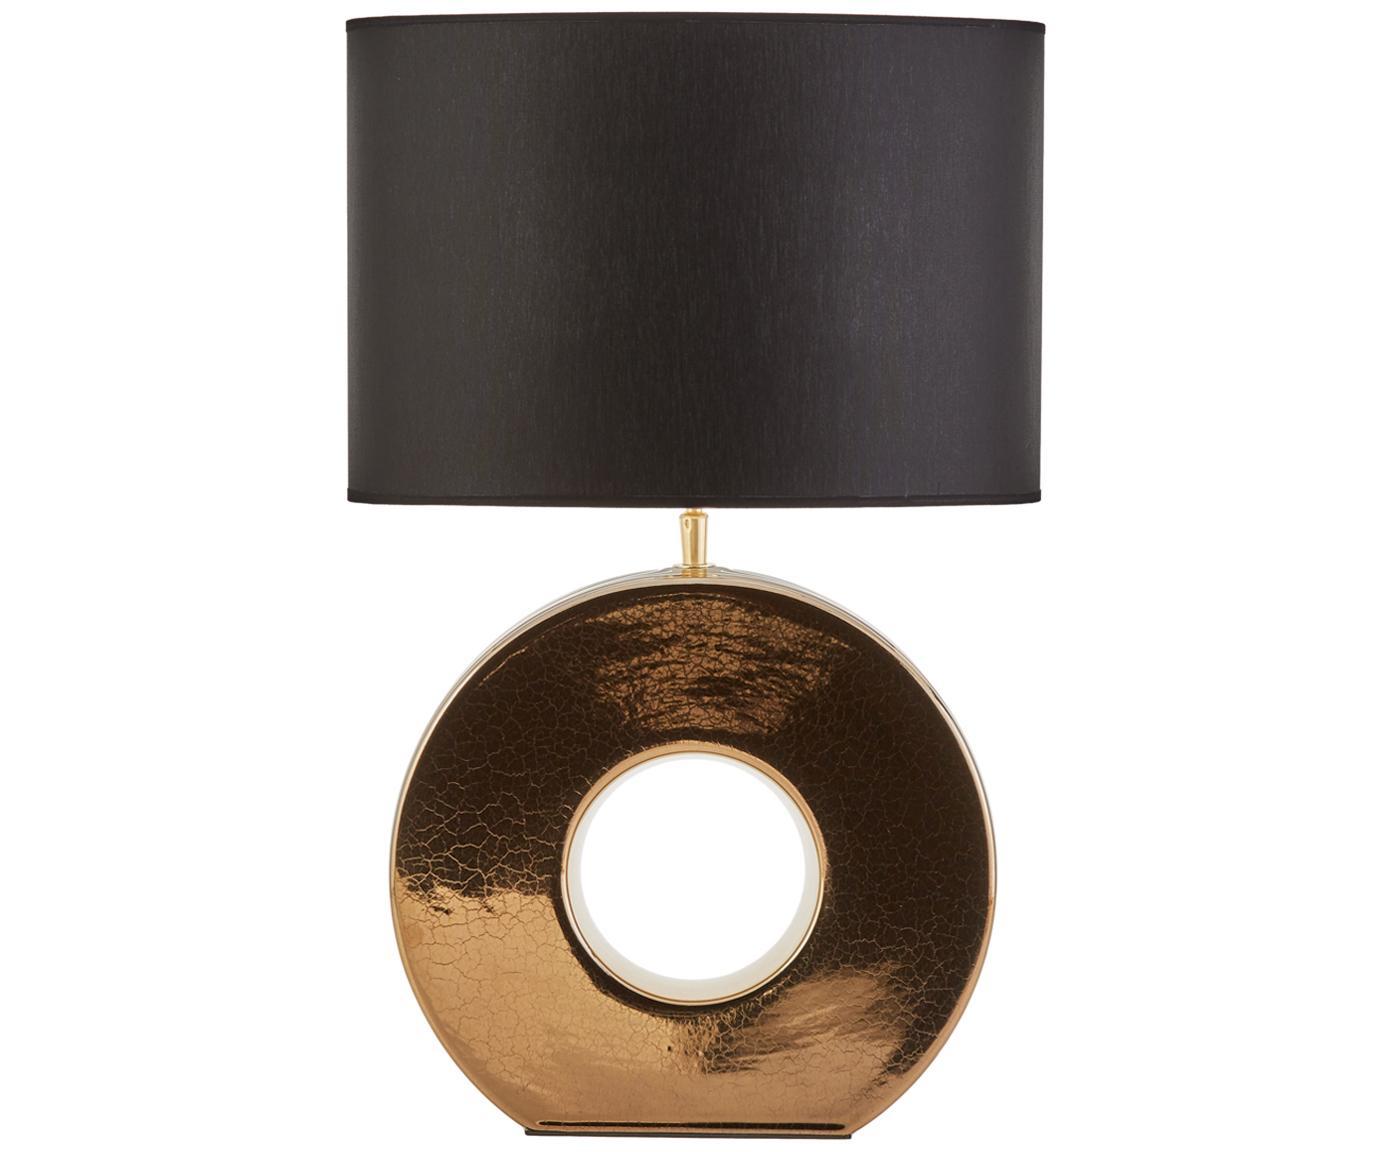 Lampada da tavolo in ceramica Aron, Paralume: poliestere, Base della lampada: ceramica, Dorato, nero, Larg. 35 x Alt. 56 cm